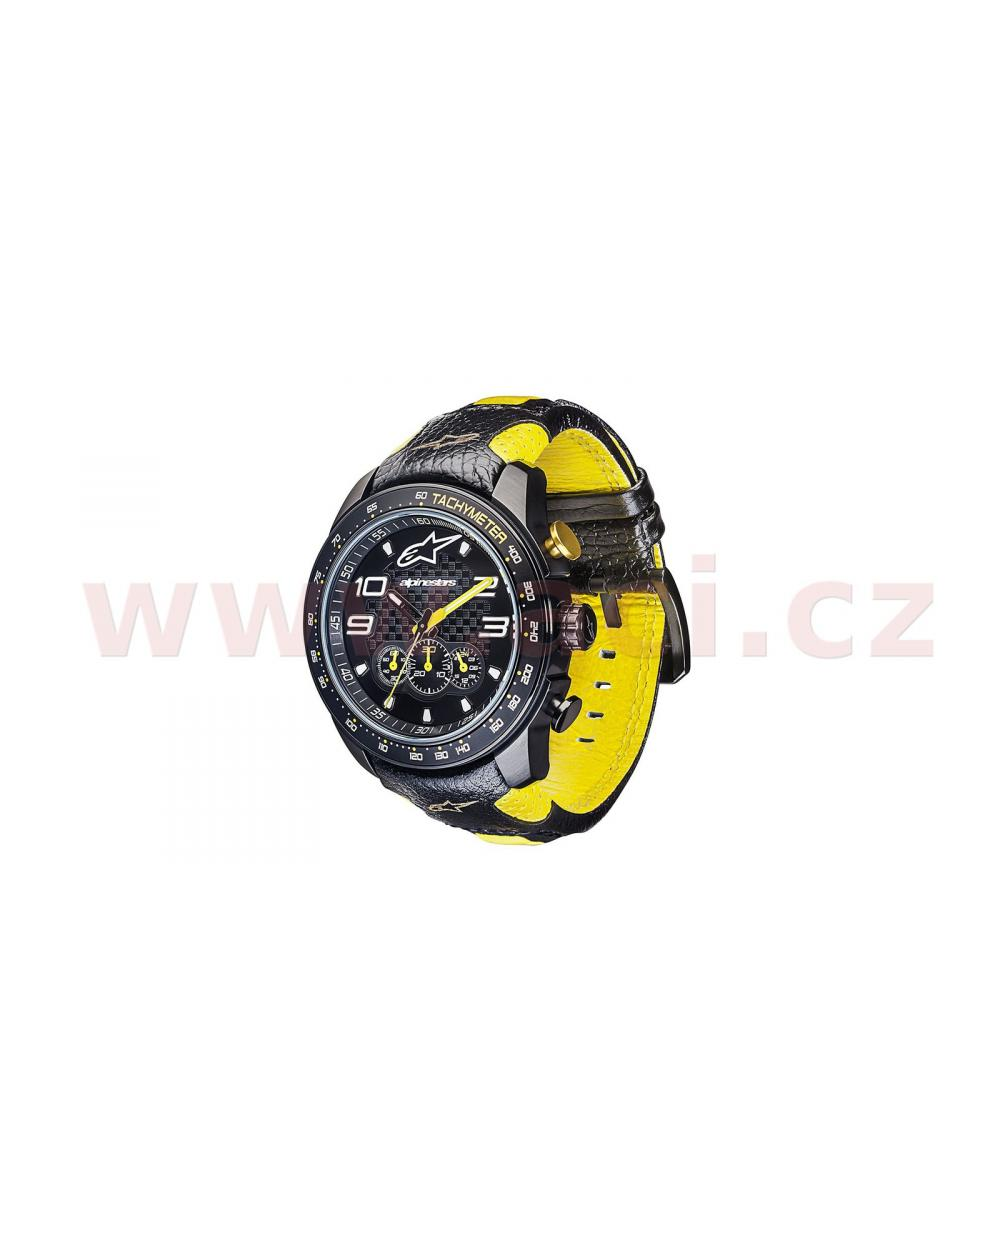 aaade9fdc ... hodinky TECH RACE CHRONO, ALPINESTARS (černá/žlutá, kožený pásek) ...